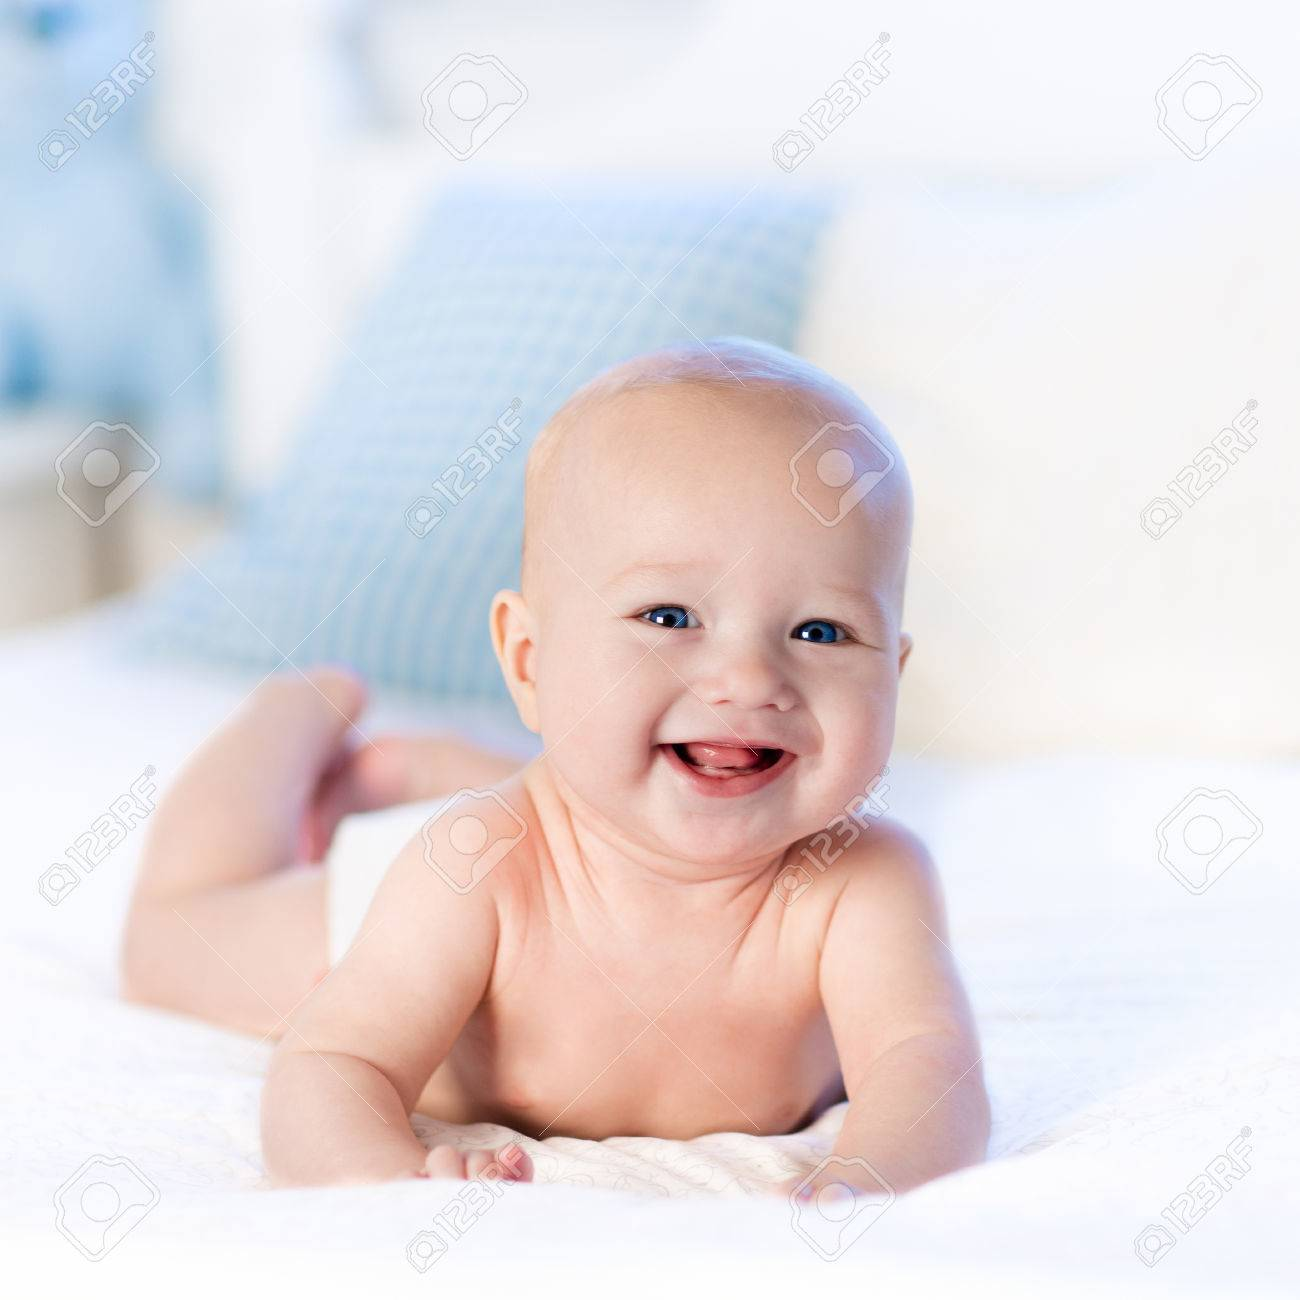 baby jongen draagt luier in het wit zonnige slaapkamer pasgeboren kind ontspannen in bed crche voor kinderen textiel en beddengoed voor kinderen